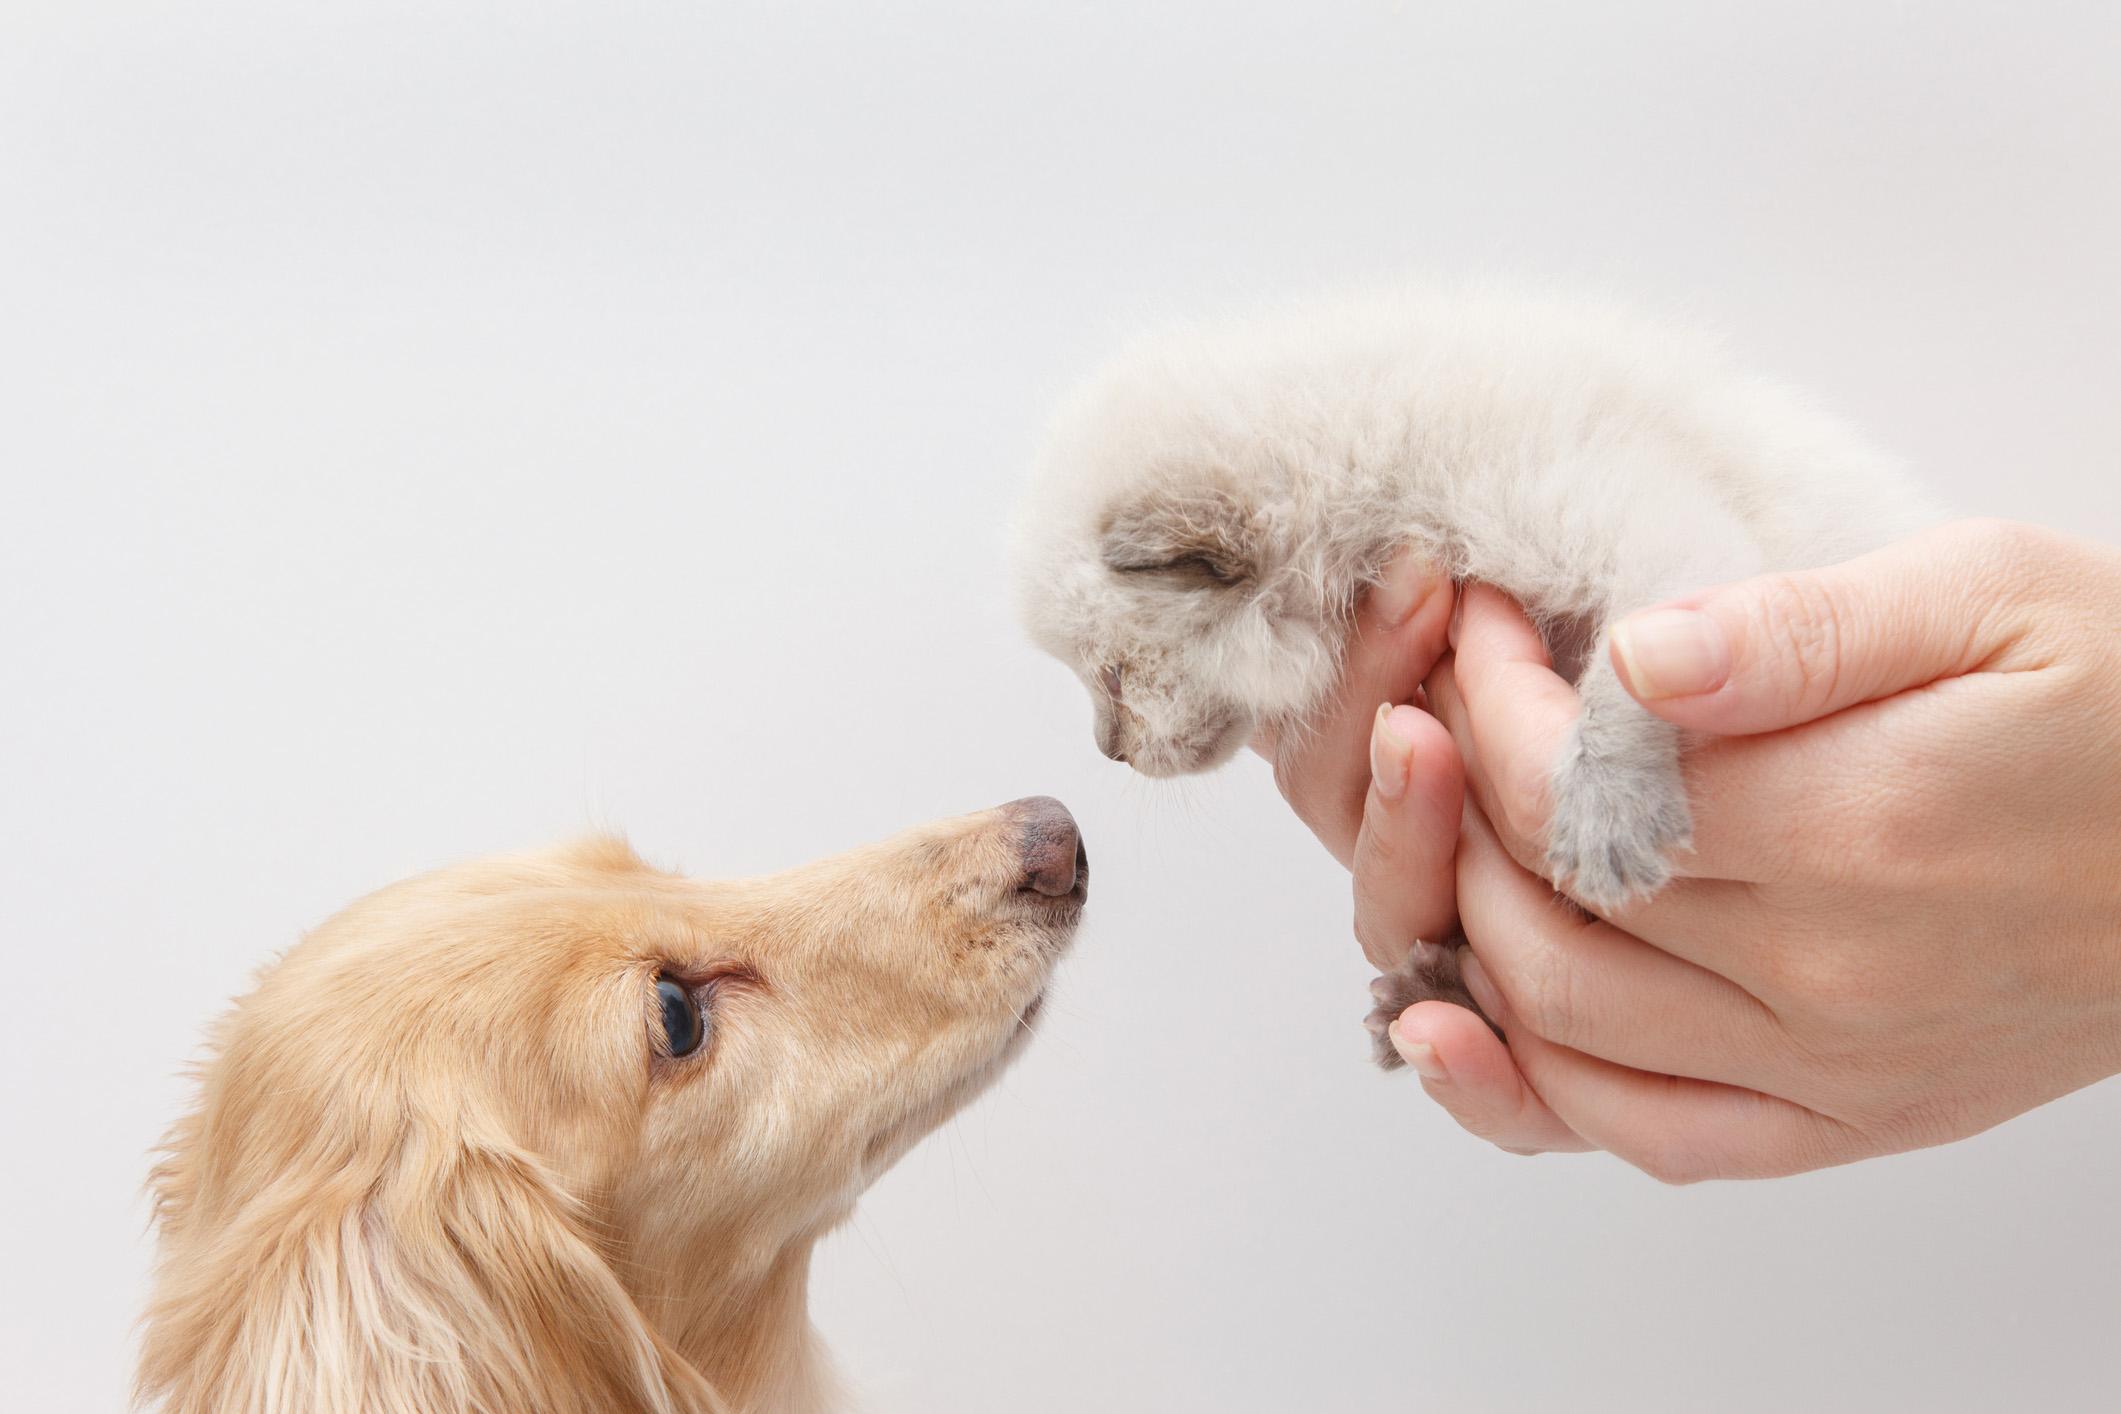 Cães e gatos devem ser apresentados gradativamente, com paciência e perseverança para que a relação entre eles funcione bem.